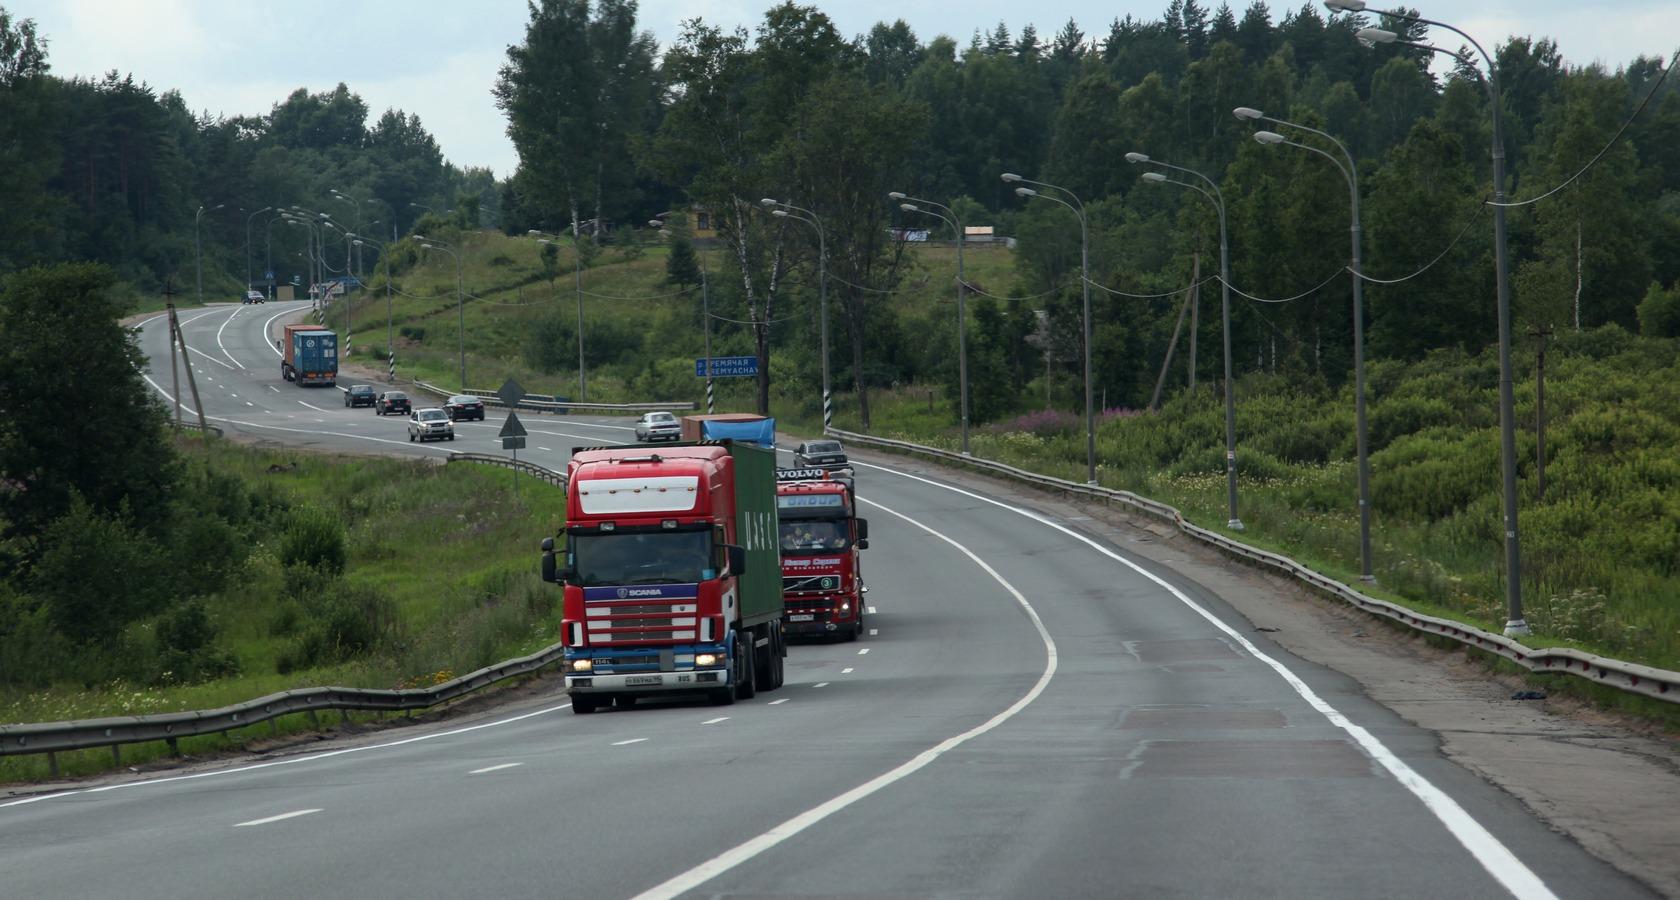 По оценке участников отрасли, до 80% грузов в России перевозится автомобильным транспортом (Фото: Федор Борисов / Transport-Photo.com)